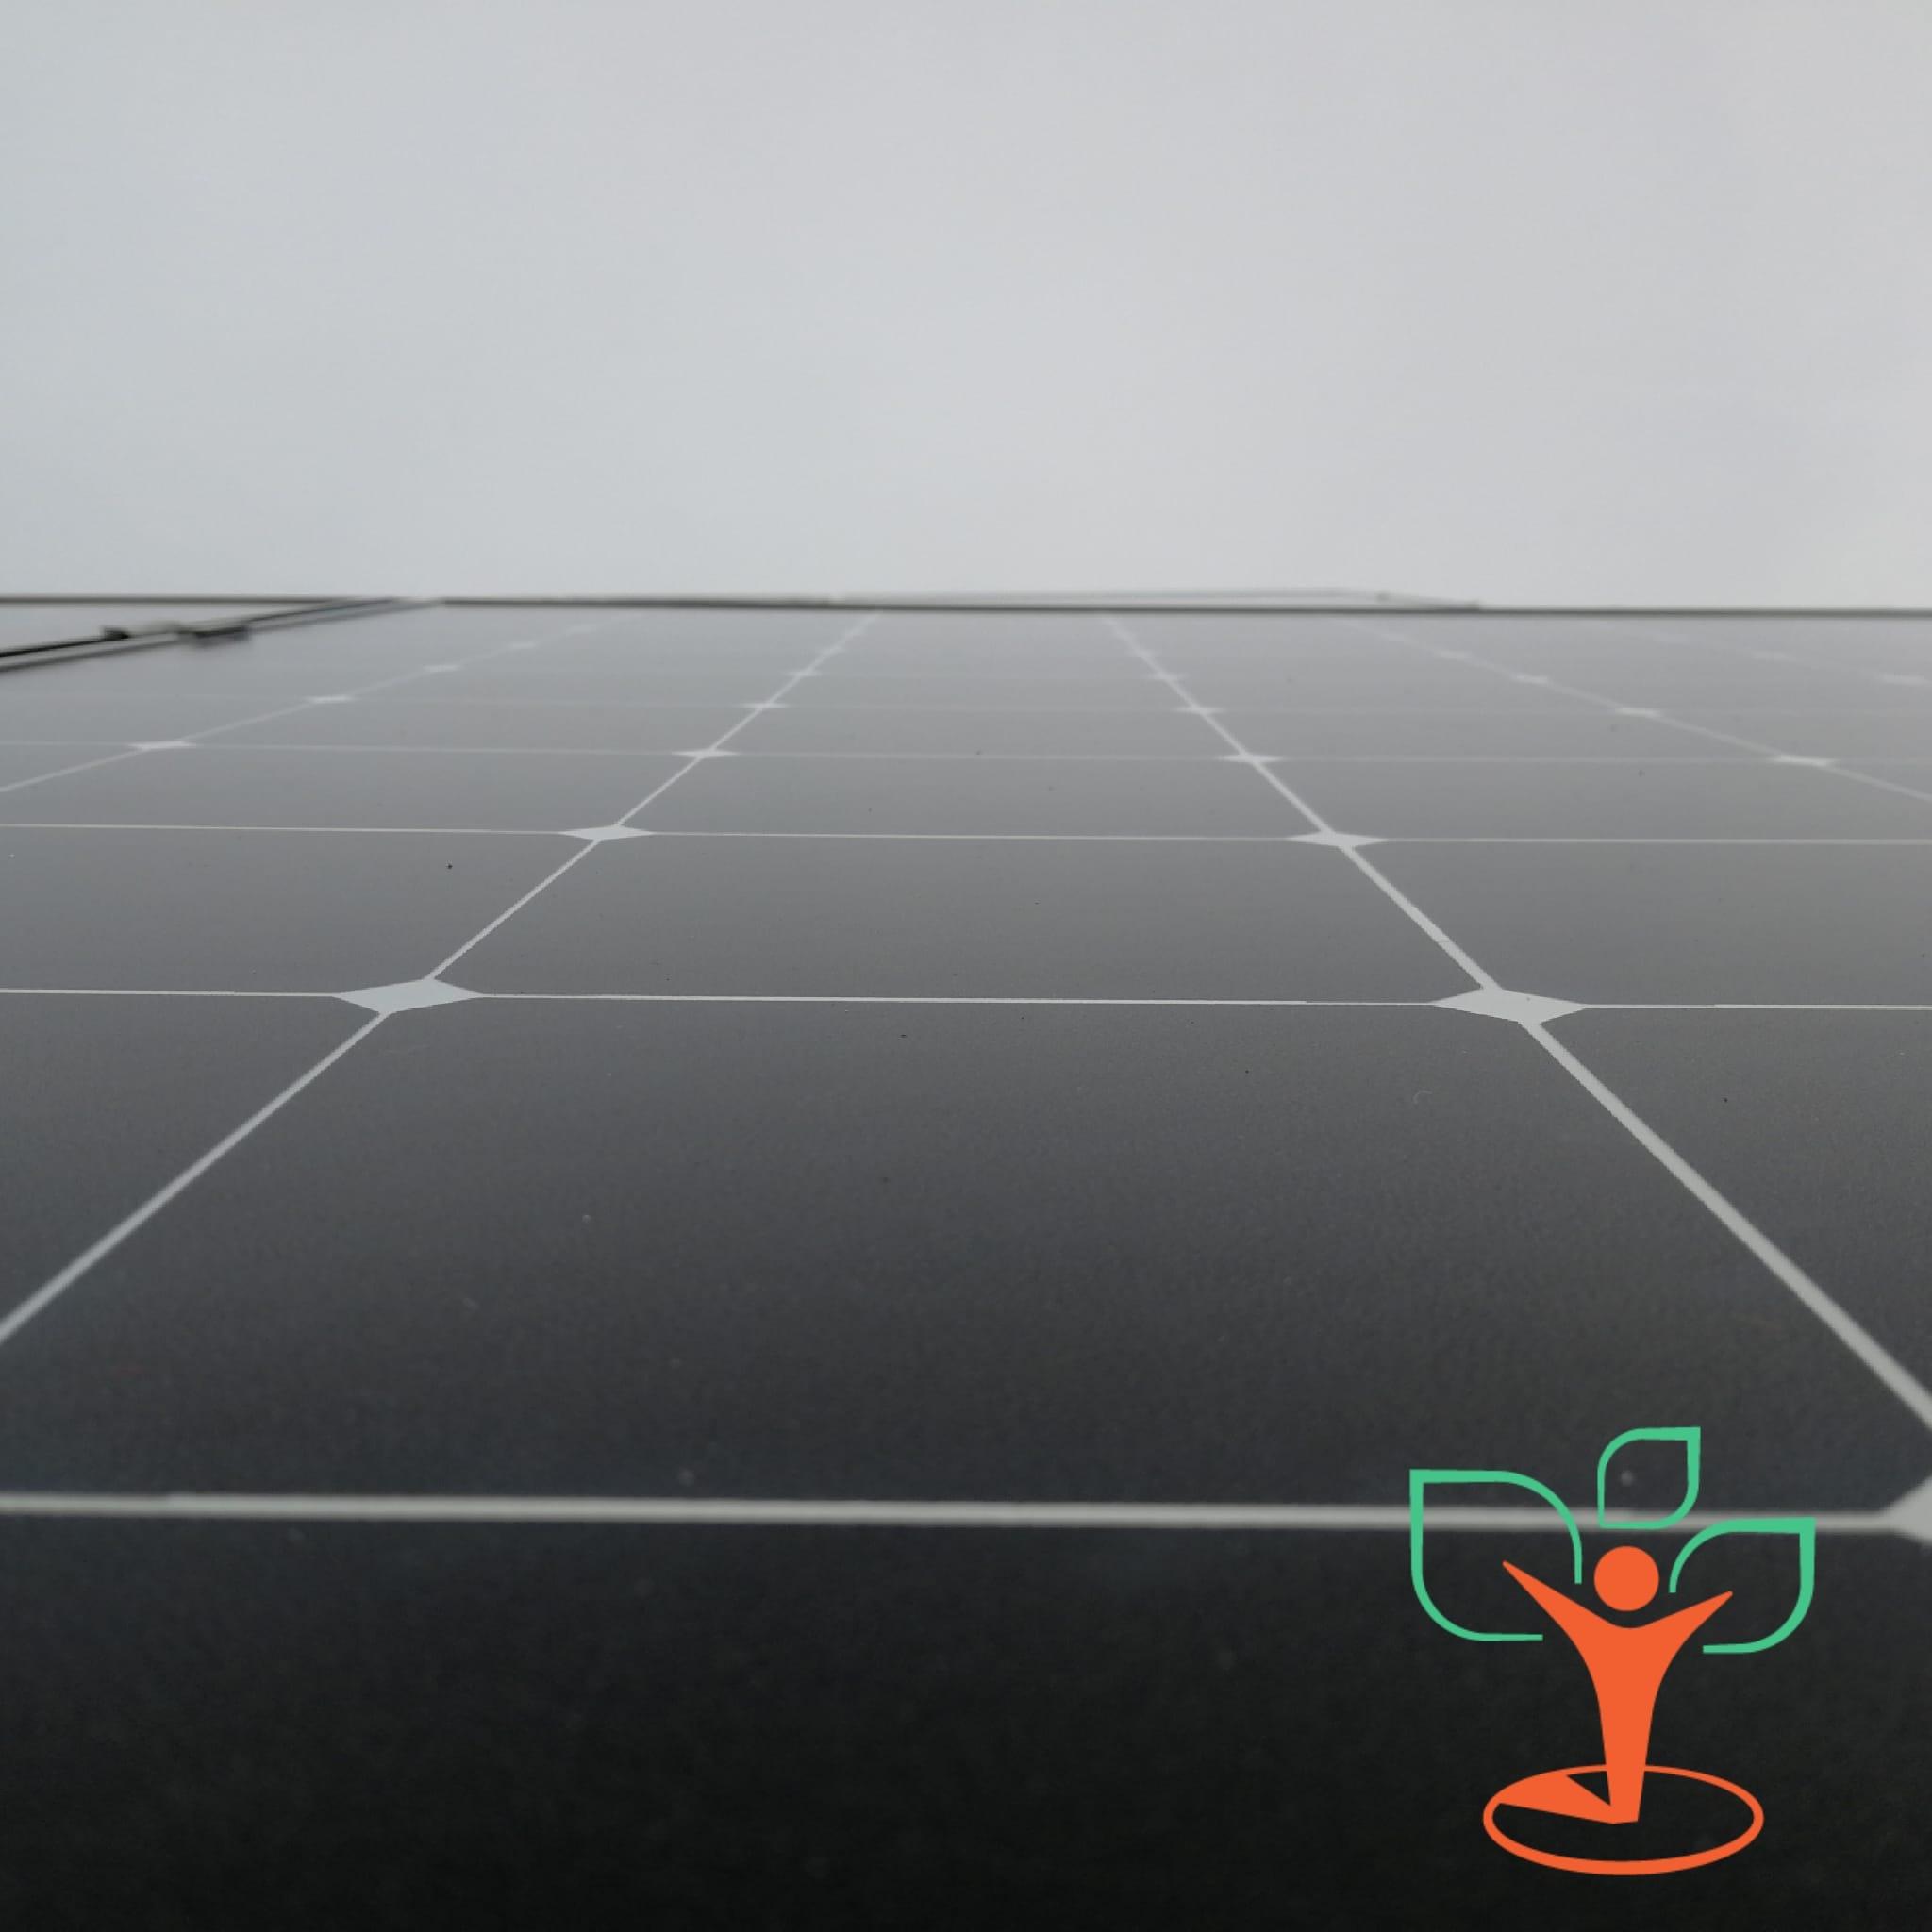 Installazione impianto fotovoltaico SunPower da 10 kWp a Polesine Zibello (PR)